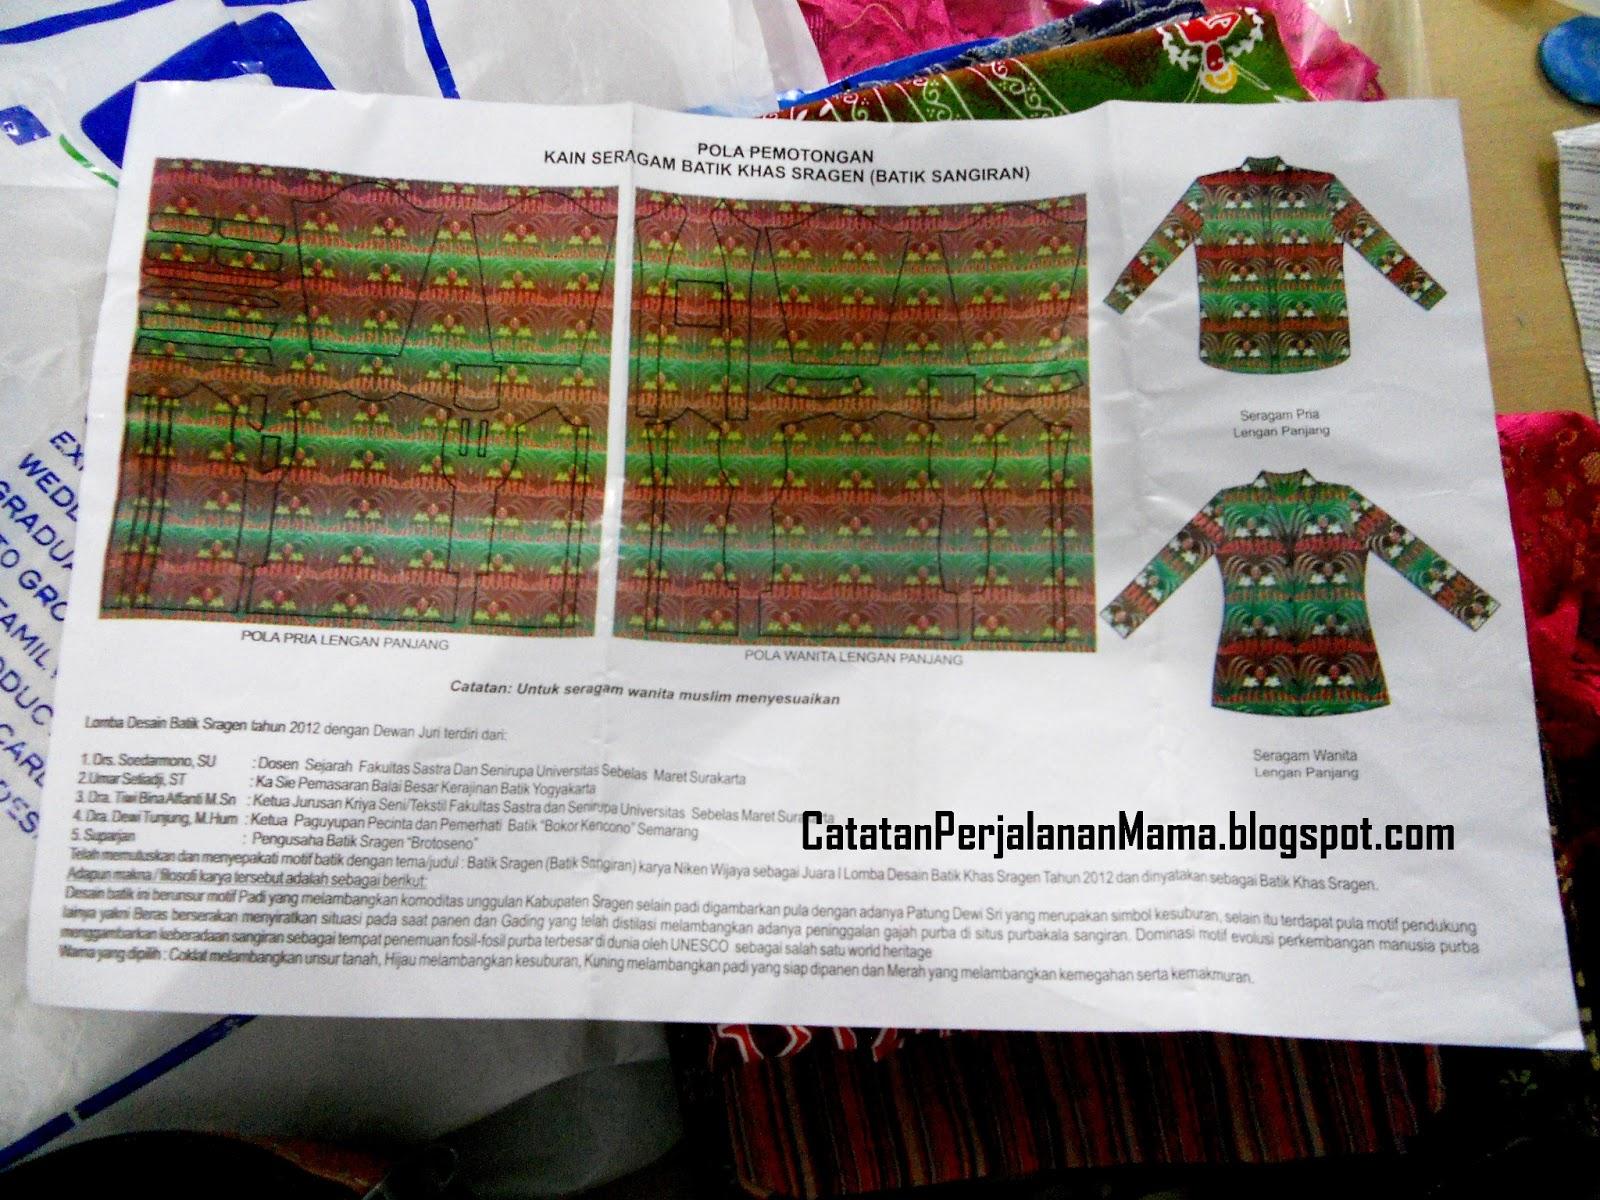 Dukungan pemerintah bagi desain yang penuh simbol lokal ini  di-implementasi-kan dalam pakaian seragam seluruh jajaran pegawai negeri  sipil di Kabupaten ... c9aebd448e